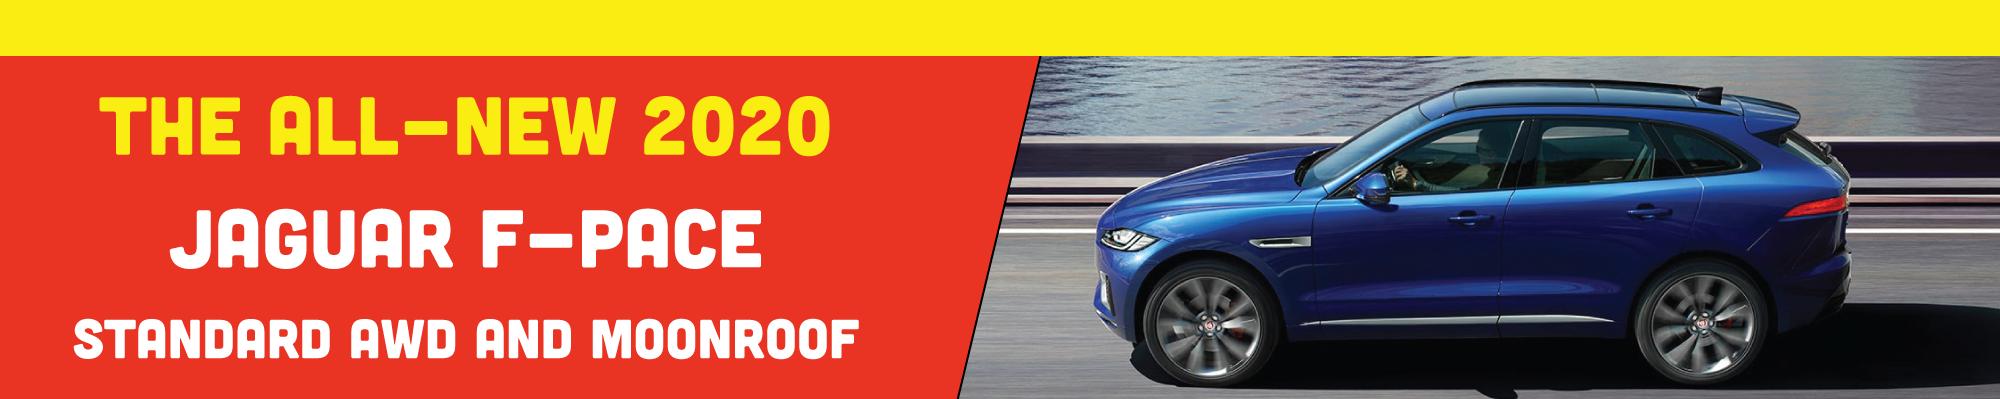 2020-spokane-auto-show-jaguar-f-pace